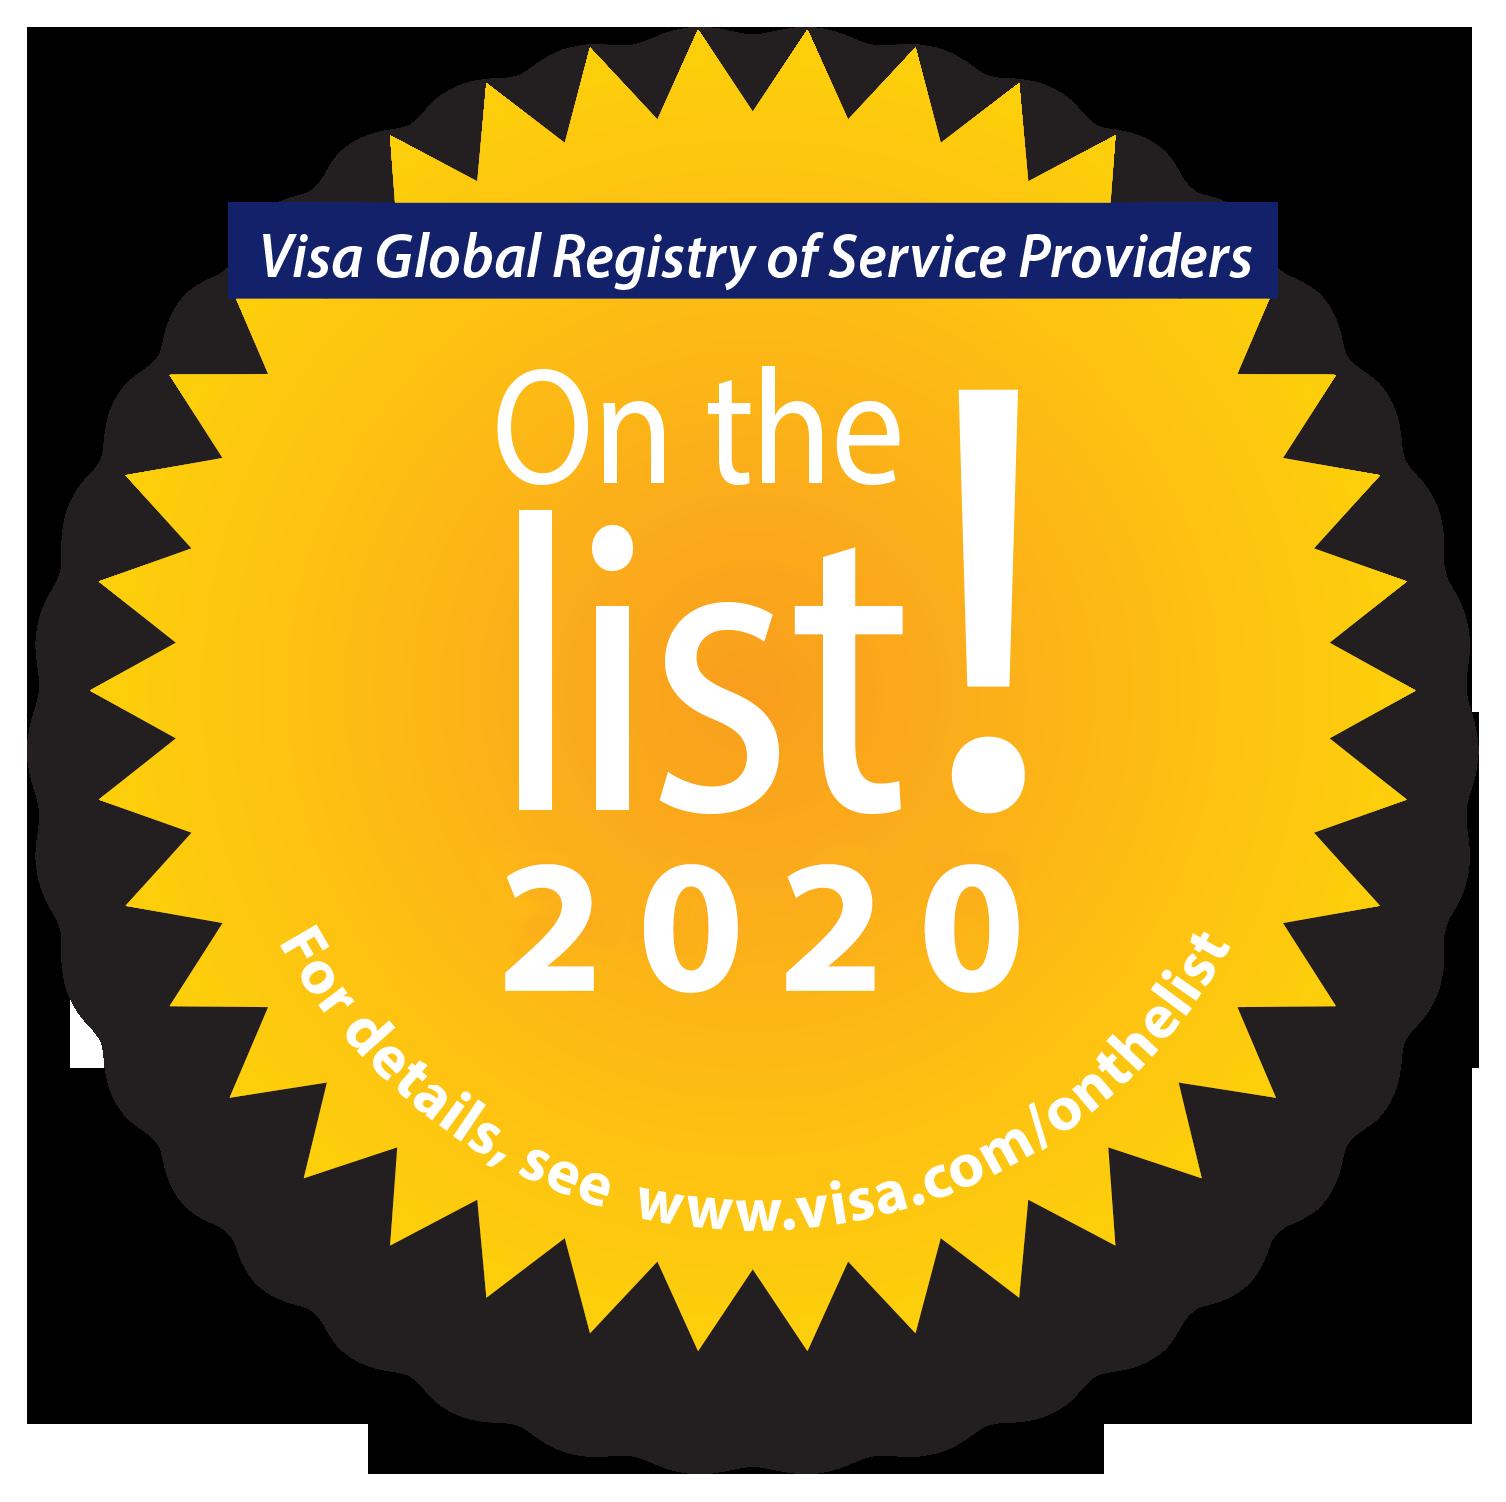 Visa Global Registry of Service Providers 2020